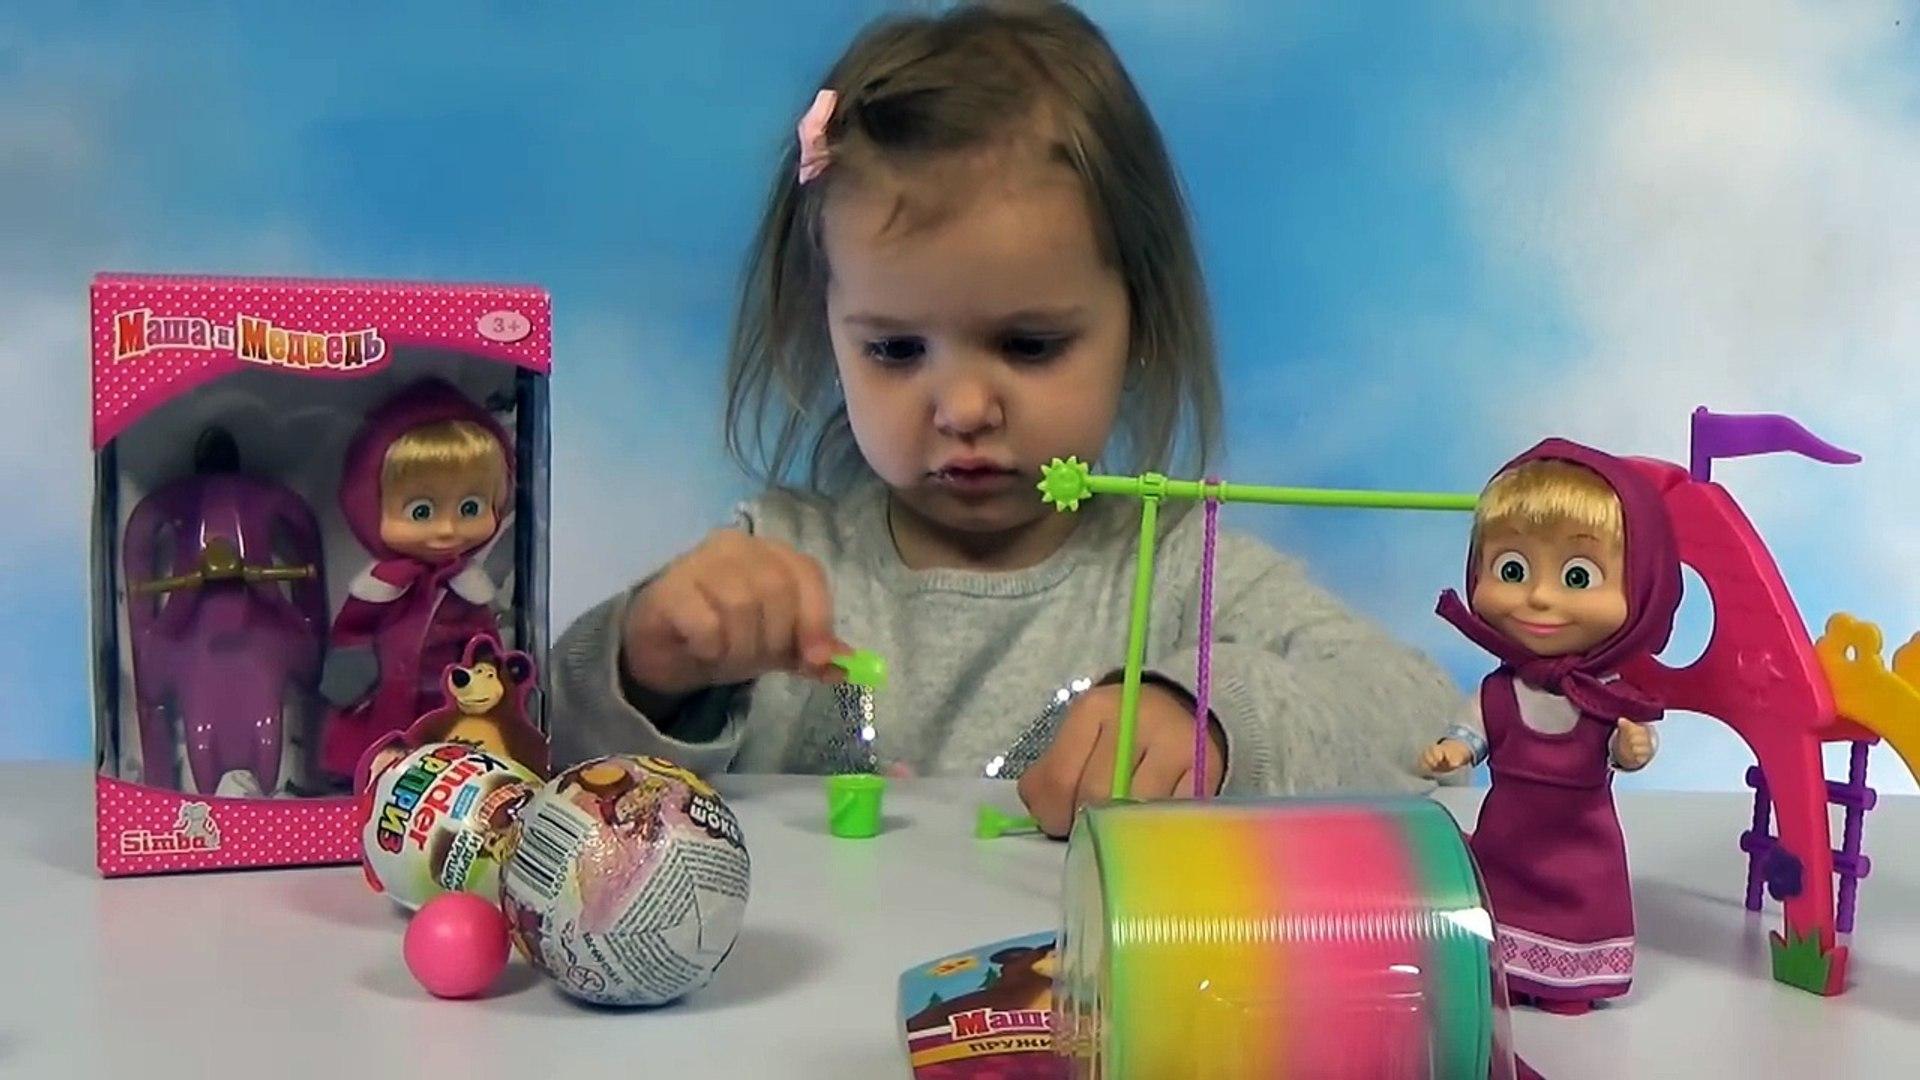 Маша и Медведь распаковка игрушки и игровая площадка с качелей и горкой Masha and the Bear doll toys